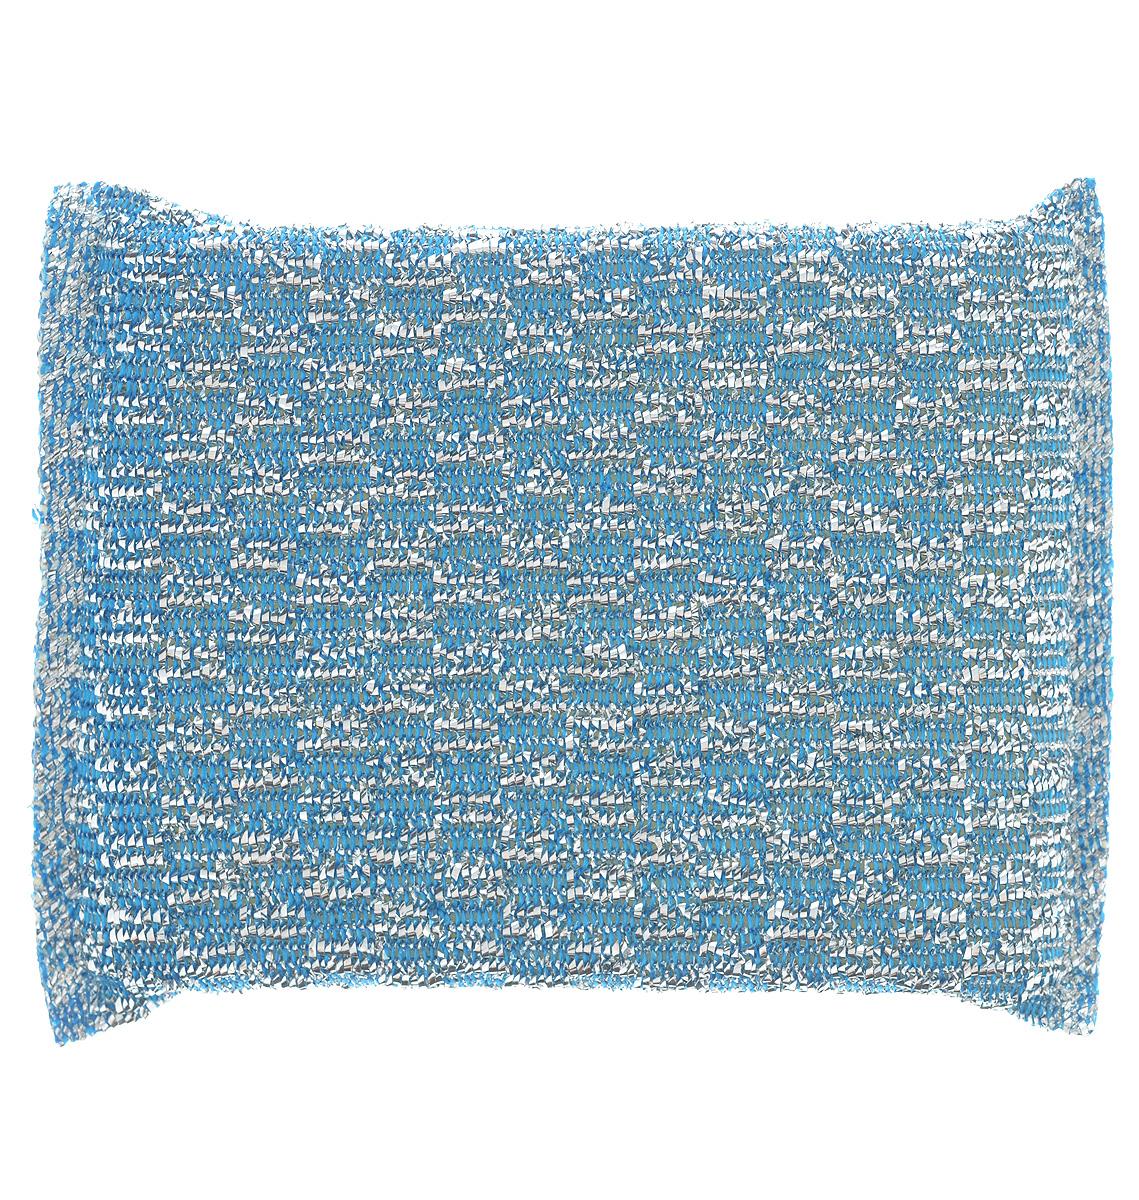 Губка для мытья посуды Home Queen, с металлизированной нитью, цвет: синийS03301004Губка для мытья посуды Home Queen изготовлена из поролона в чехле из полипропиленовой металлизированной нити. Предназначена для мытья посуды и очистки сильно загрязненных кухонных поверхностей. Удобна в применении. Позволяет экономить моющее средство, благодаря структуре поролона, который дает много пены при использовании.Материал: полипропиленовая металлизированная нить, поролон.